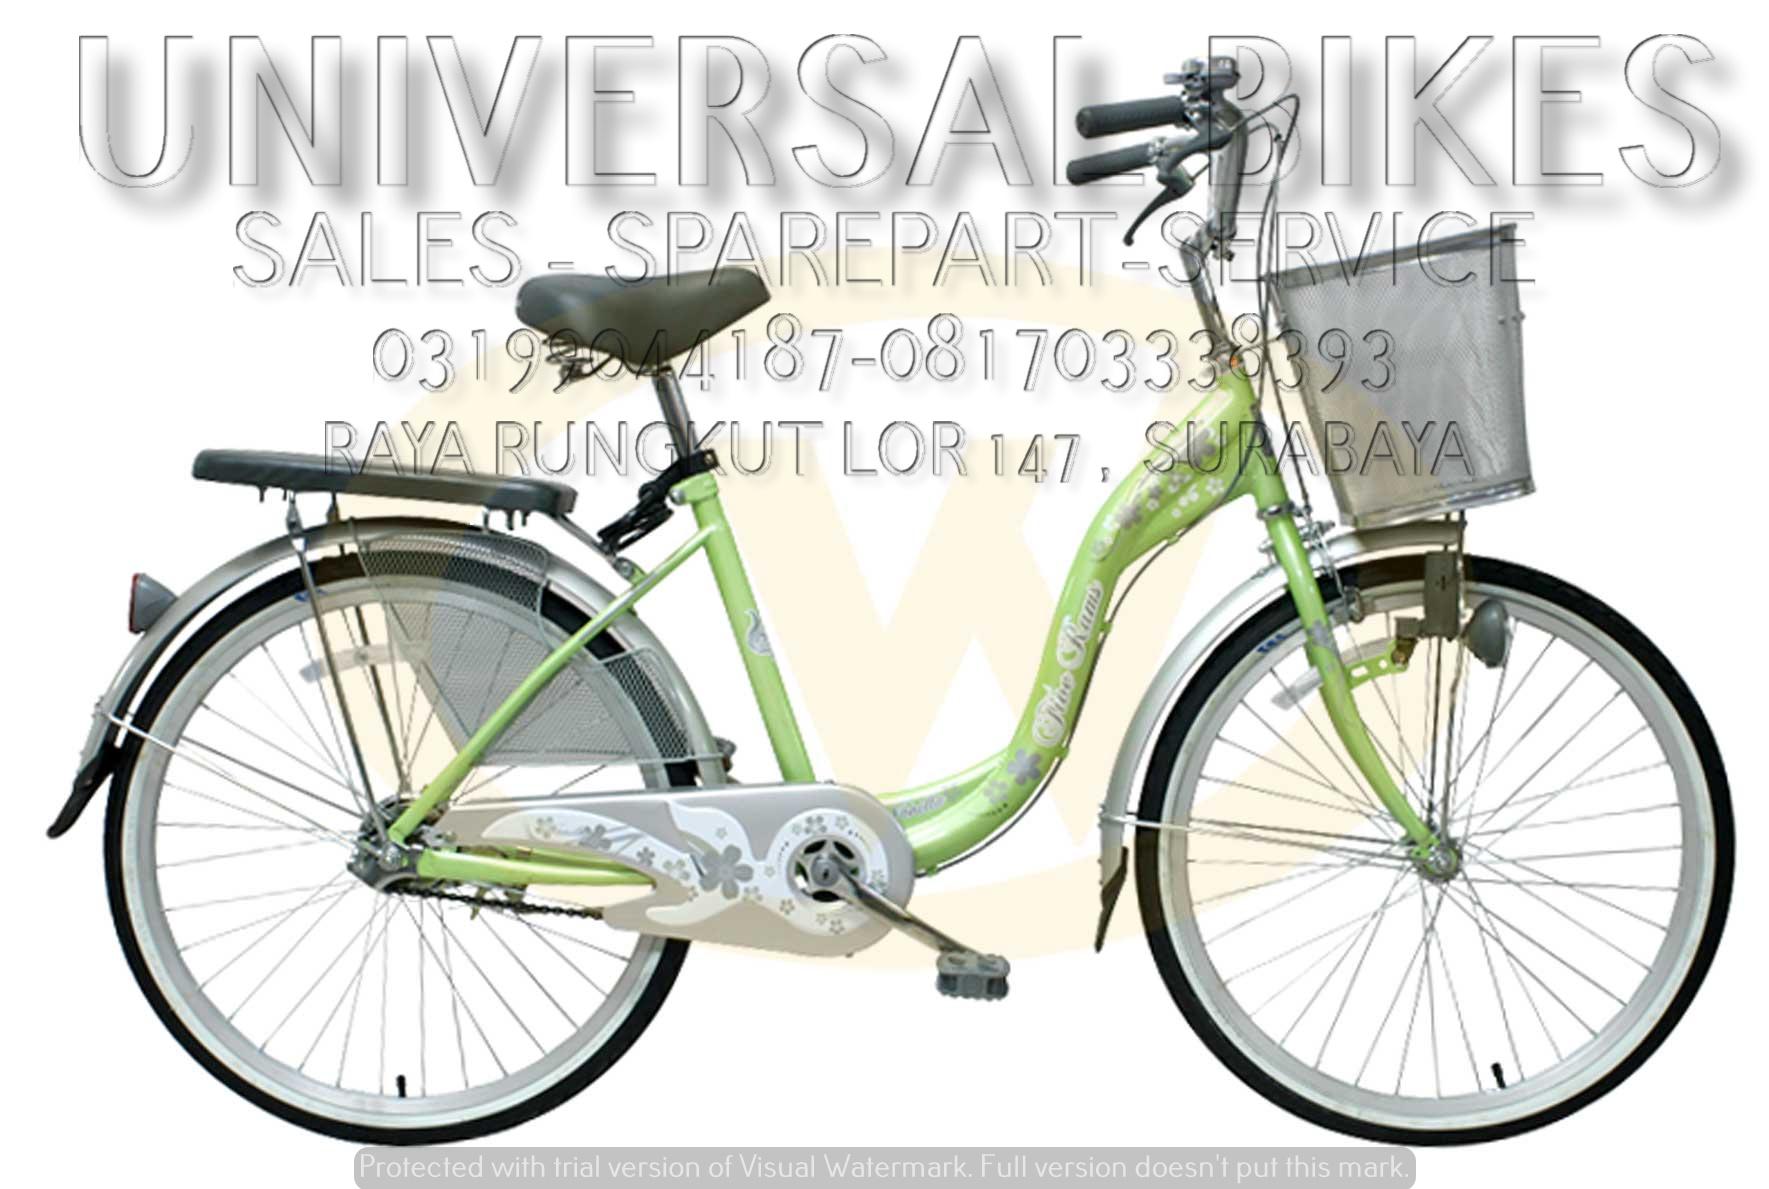 harga sepeda mini wimcycle surabaya 081703338393 – grosir